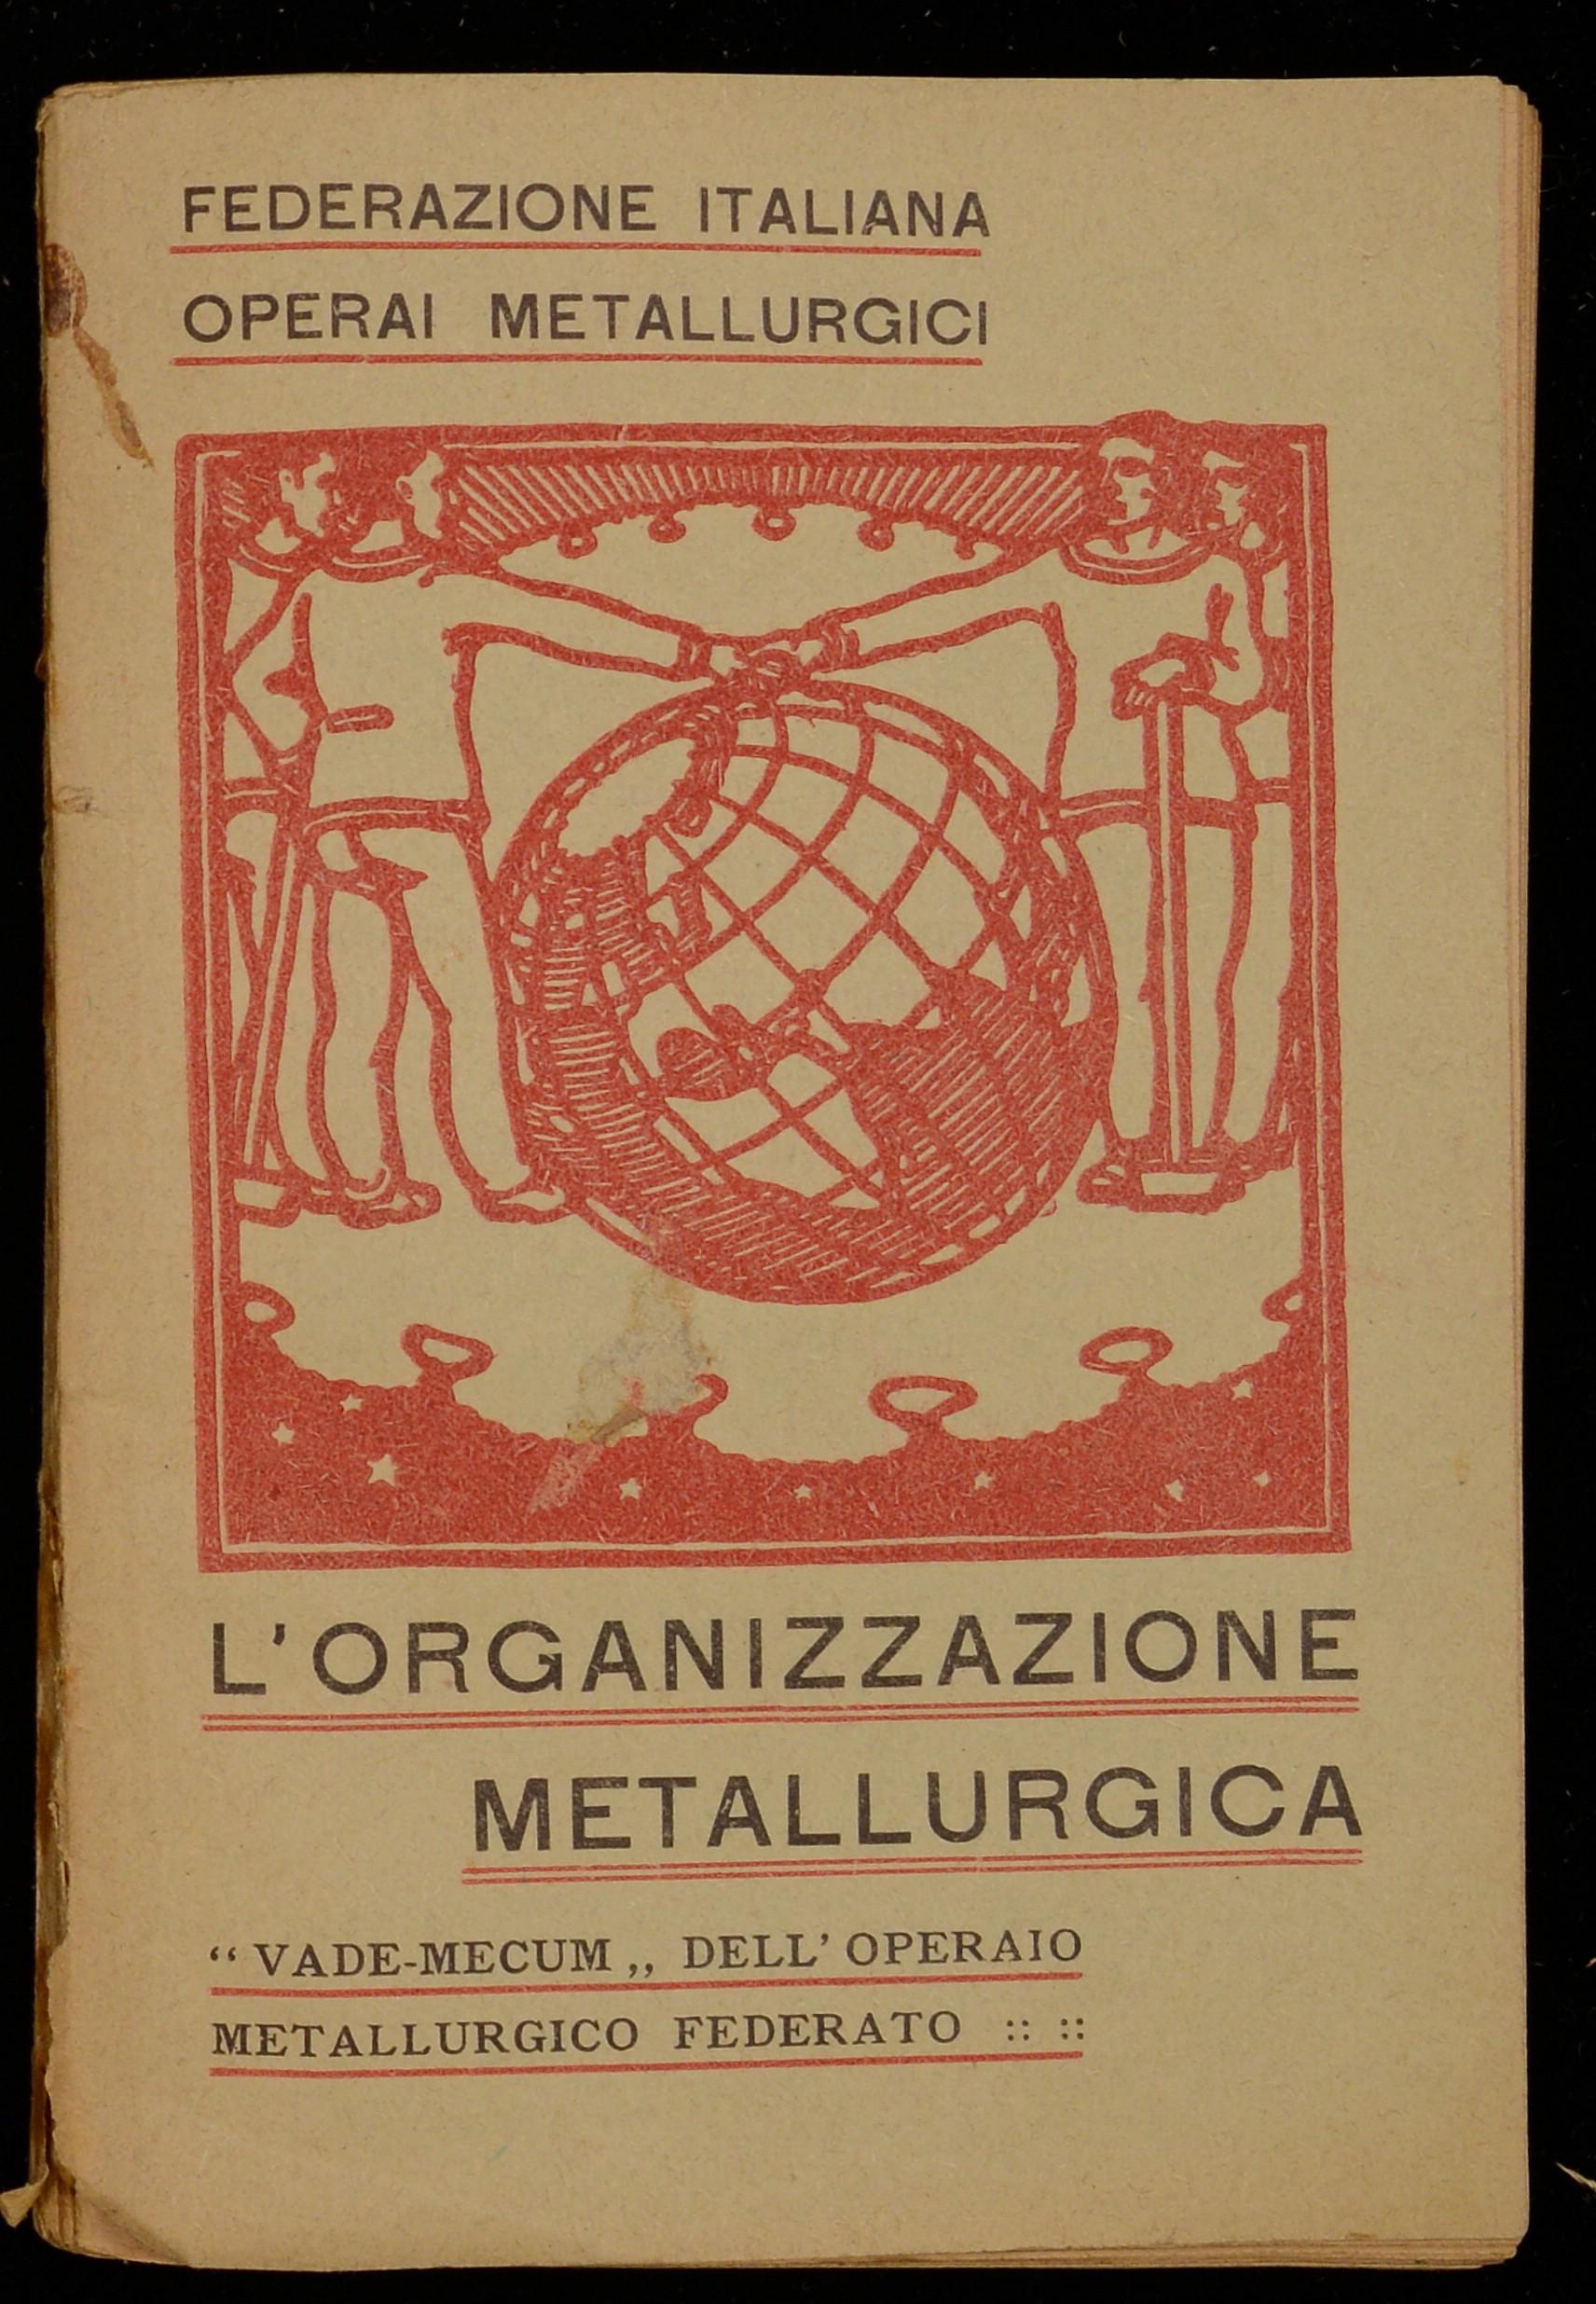 L'organizzazione metallurgica